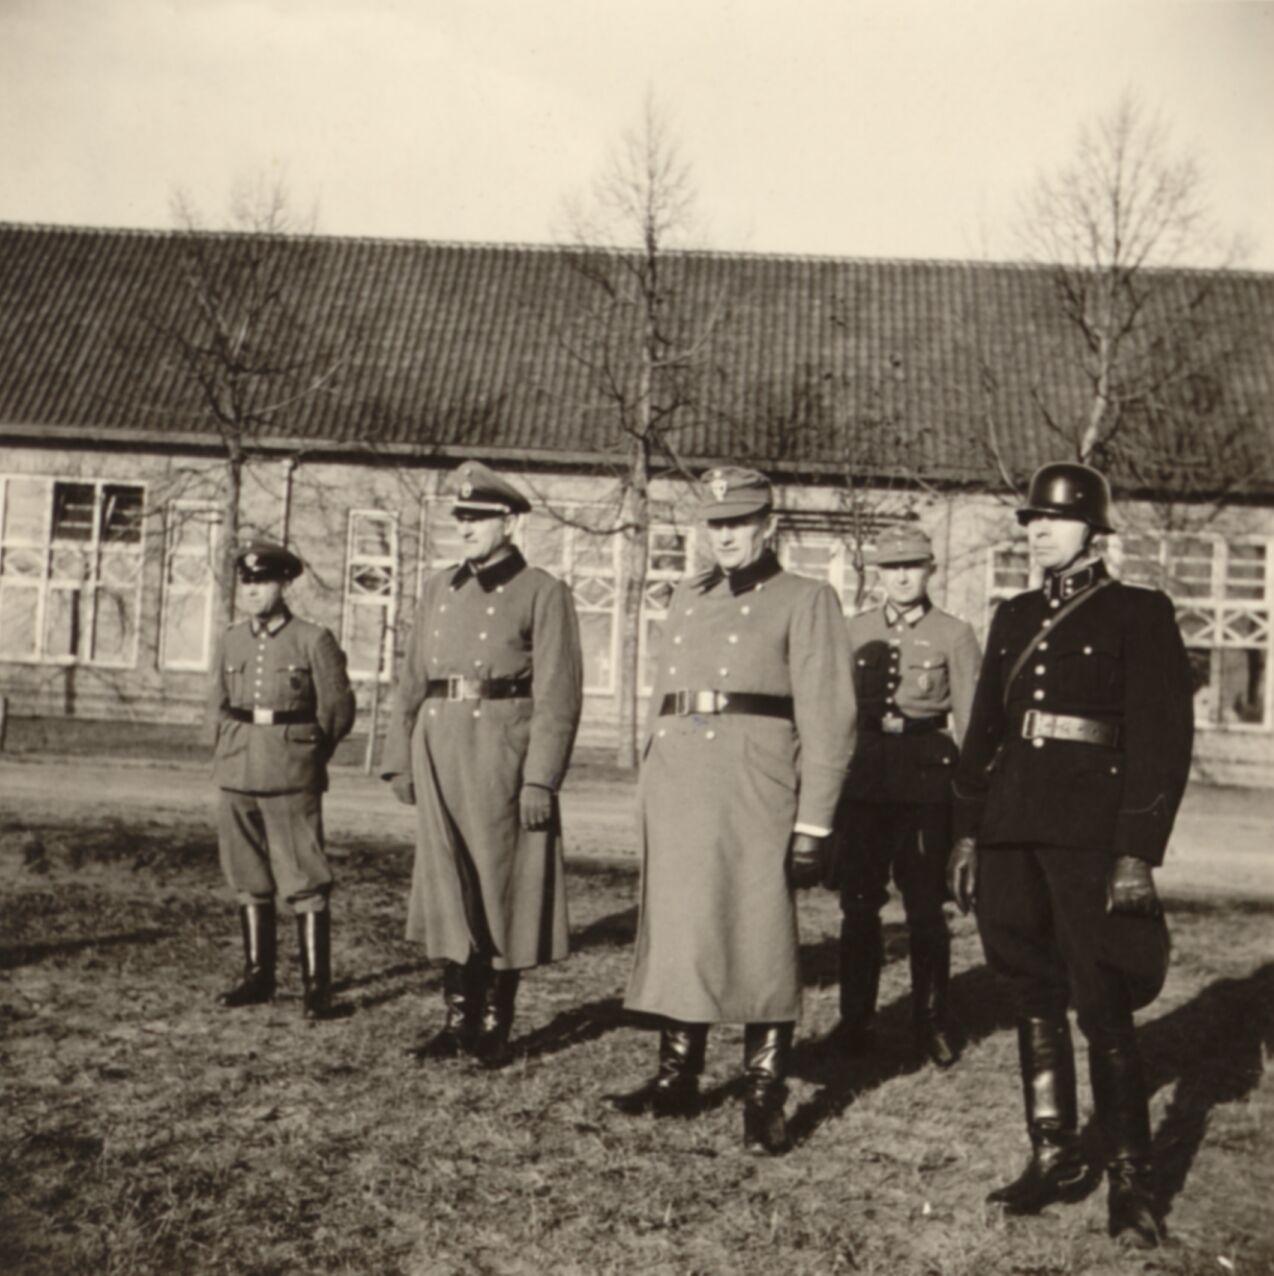 1942. The German Ordnungspolizei, also called Grüne Polizei